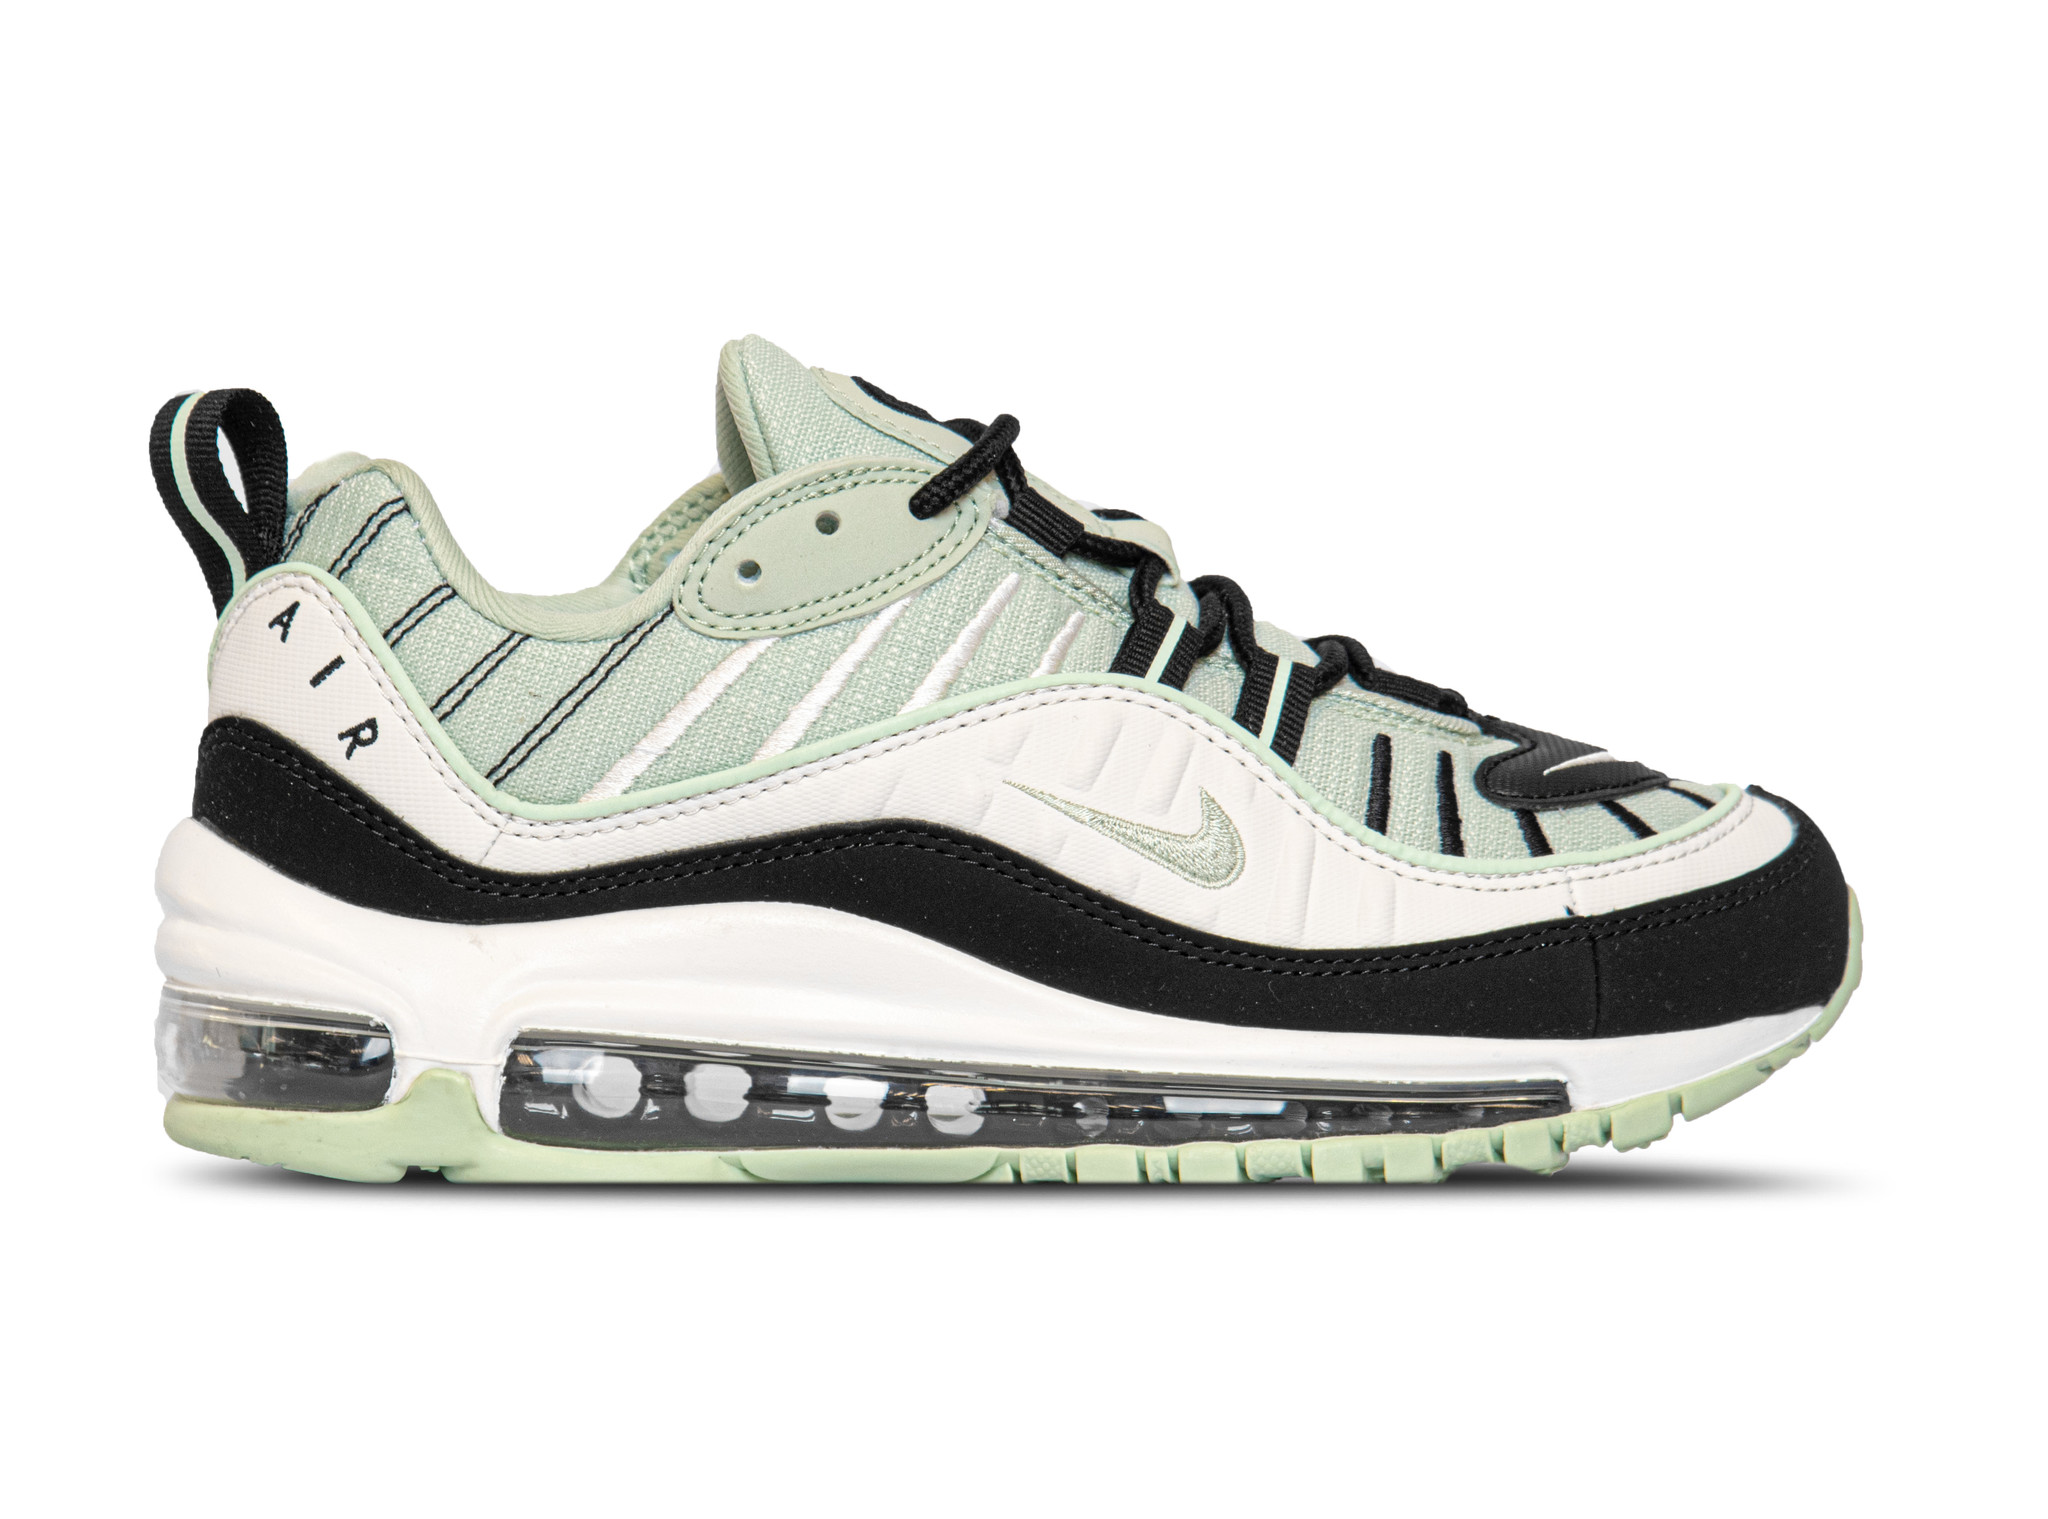 Nike Air Max 98 Pistachio Frost CI3709 300 | Bruut Online Shop